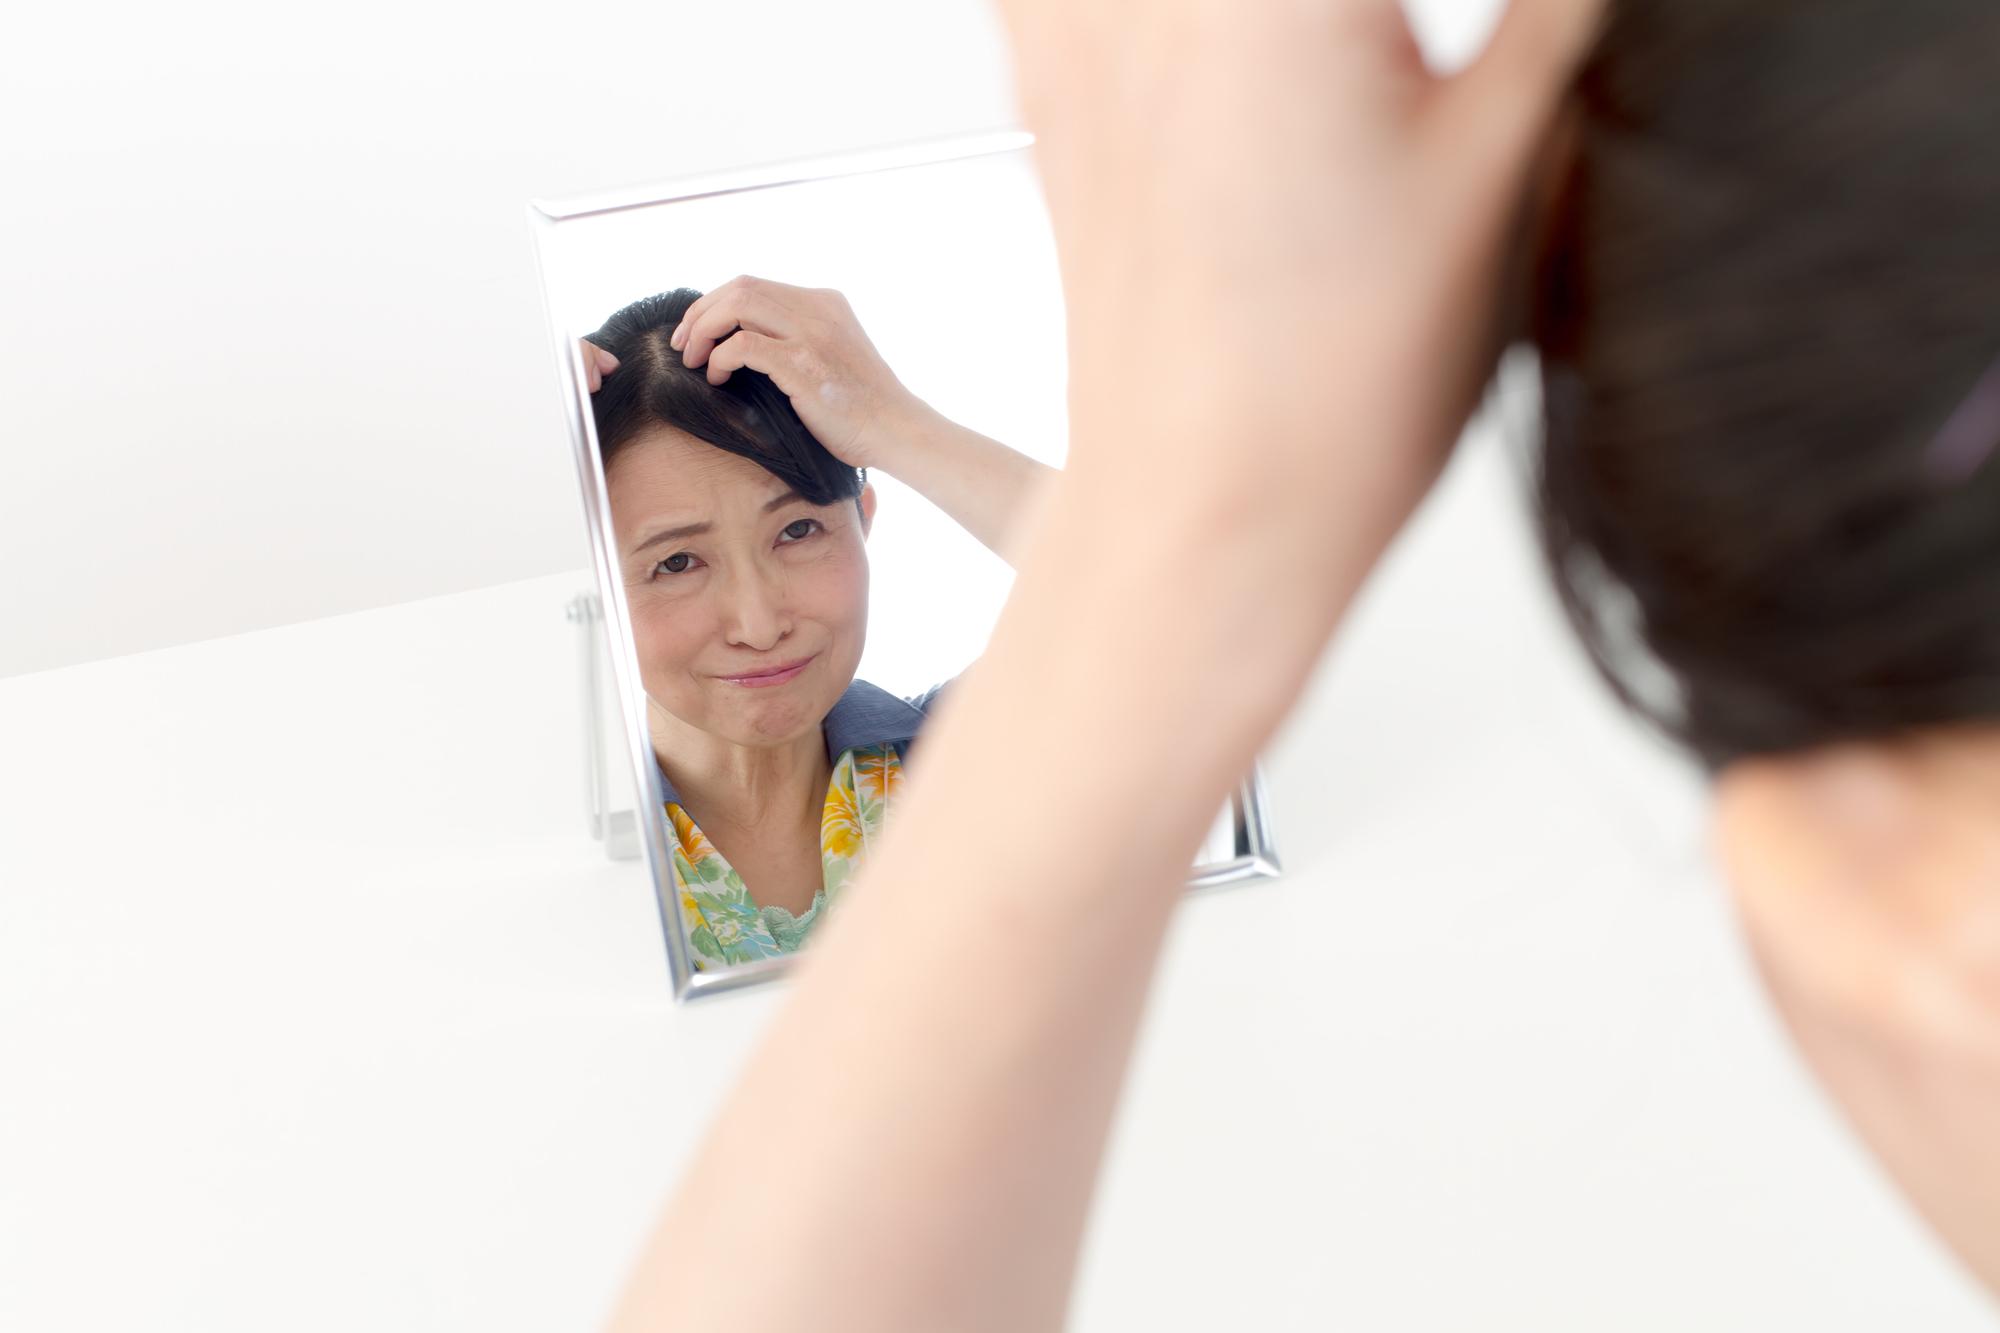 薄毛と仕事には大きな関係があった!?ハゲやすい職業の特徴って?